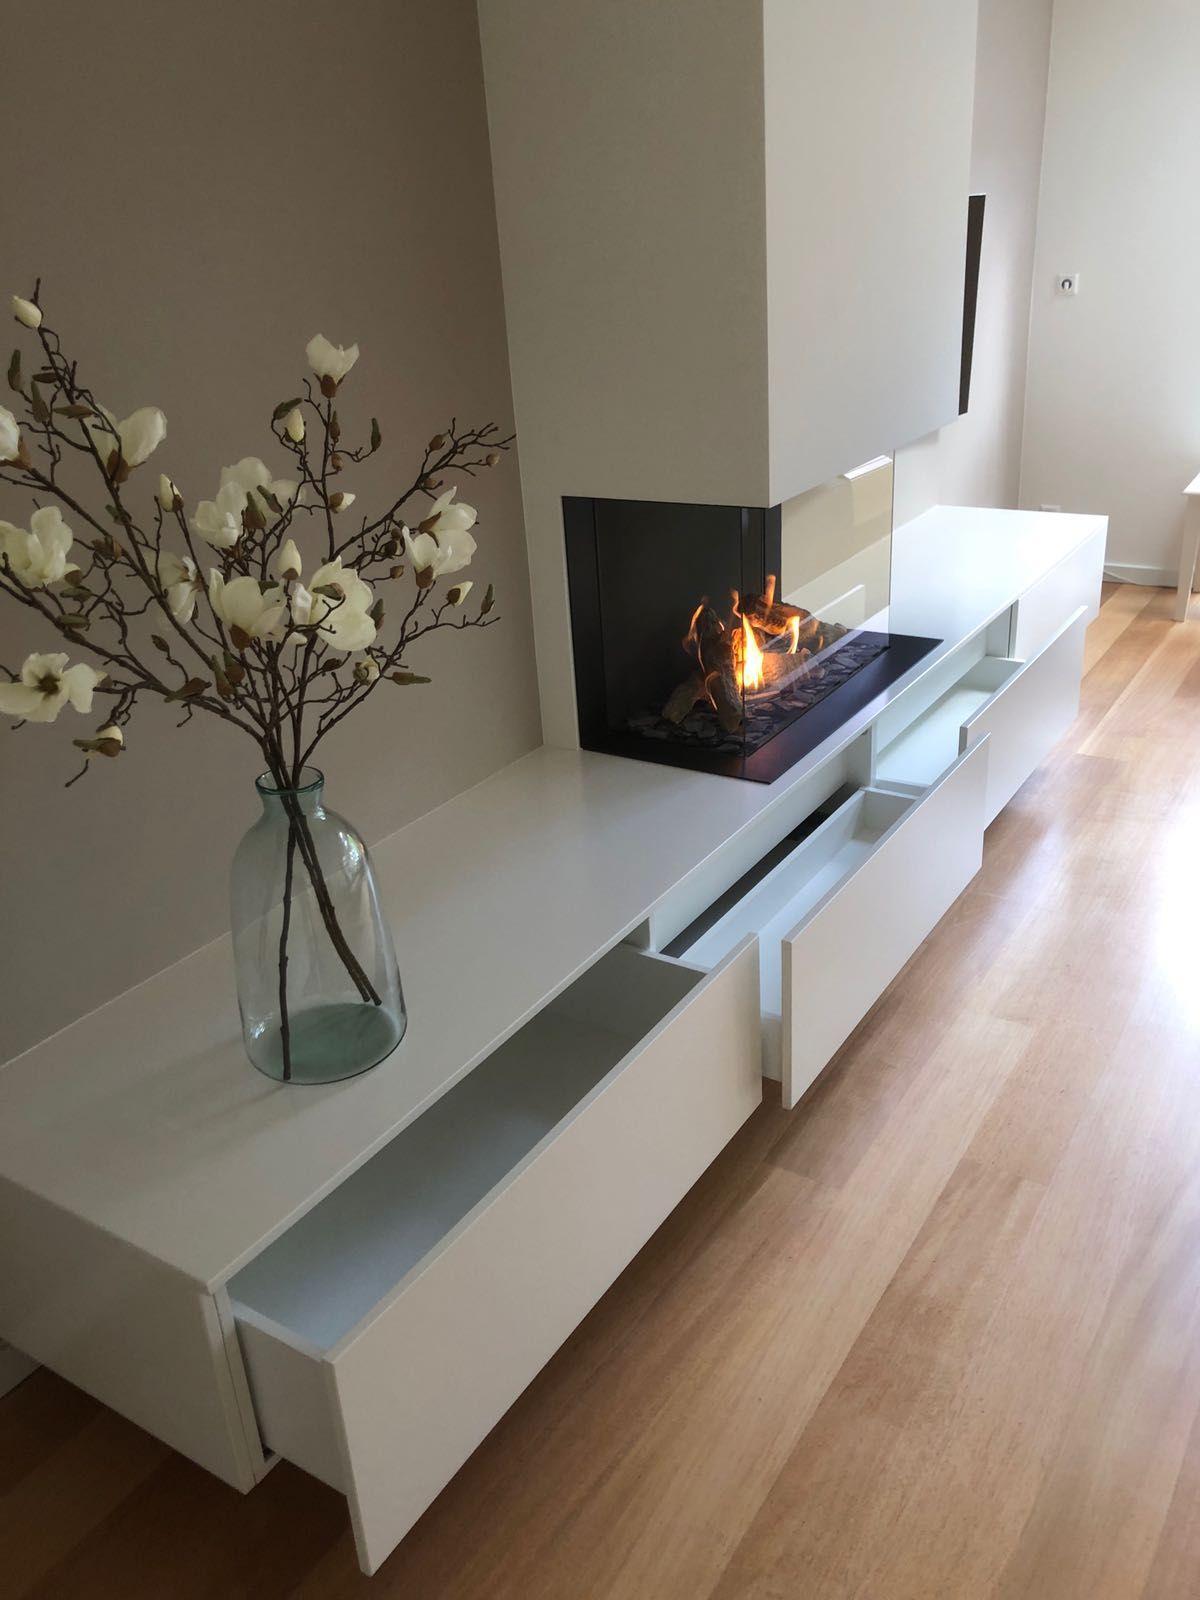 Dru Maestro 80 3 Met Een Zwevende Kast Met Schuiflades In 2020 Haus Wohnzimmer Kamin Wohnzimmer Wohnzimmerentwurfe